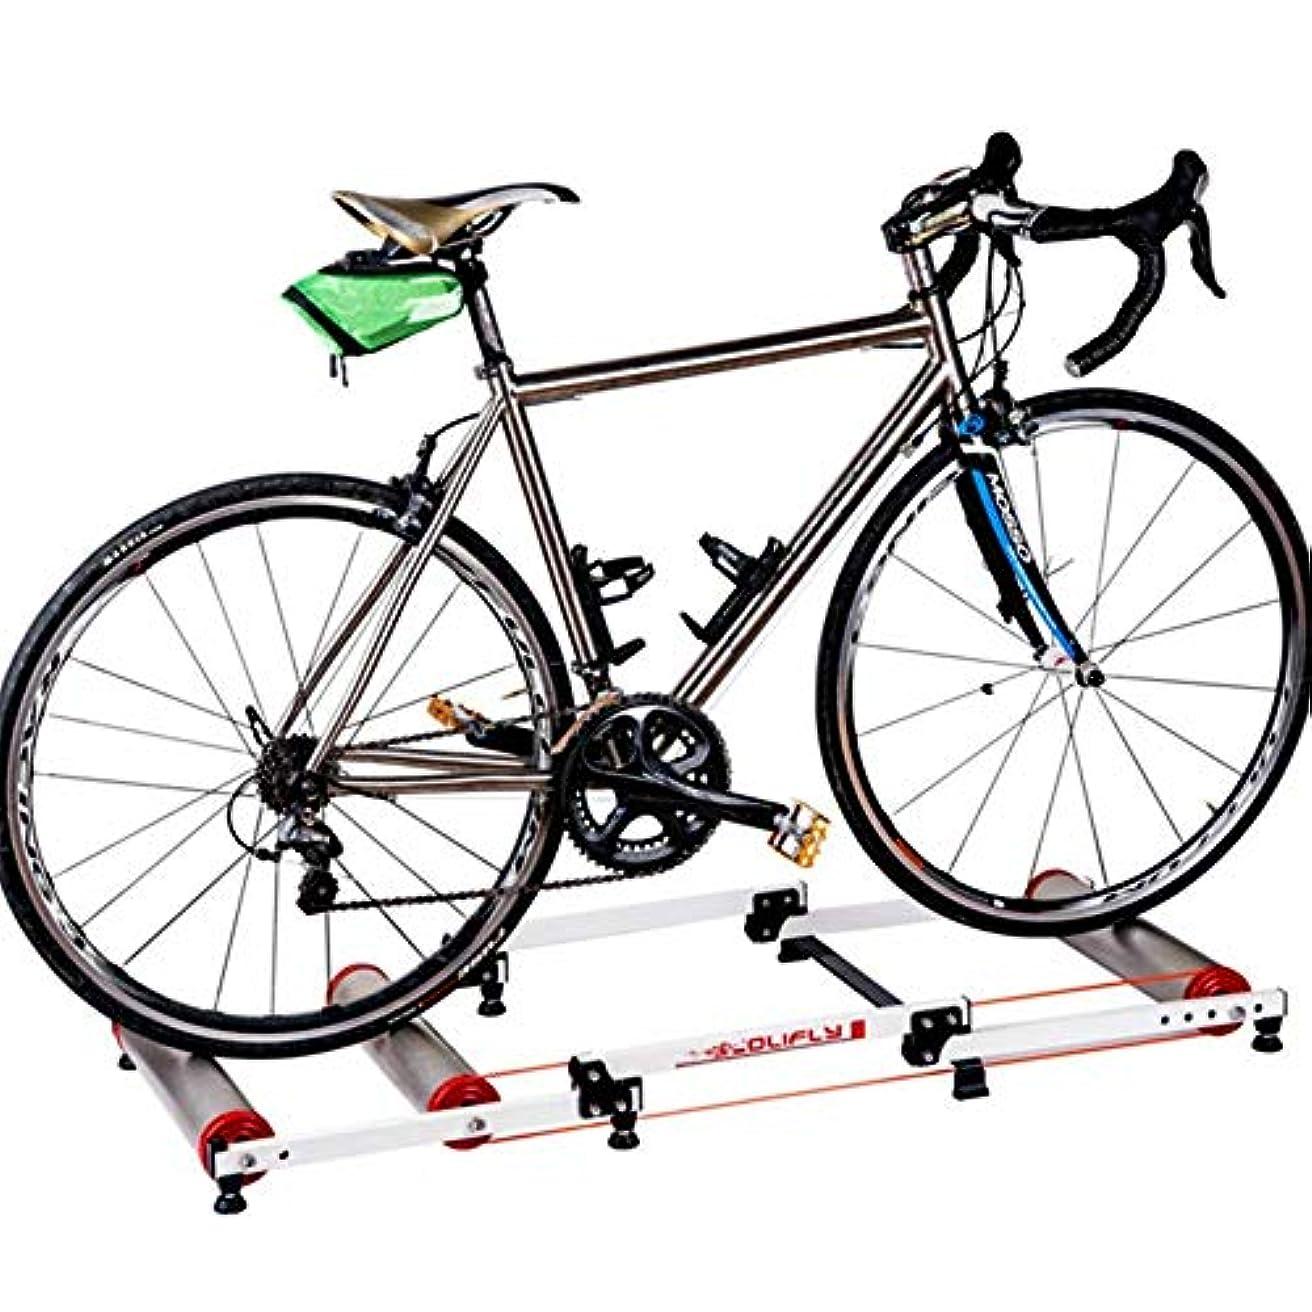 衝突するファンタジー損傷WXQ-XQ アウトドアスポーツ自転車トレーナー、折り畳み式の自転車ホイールマウンテンバイクロードバイクスポーツの駅抵抗スポーツフィットネス屋内トレーニング